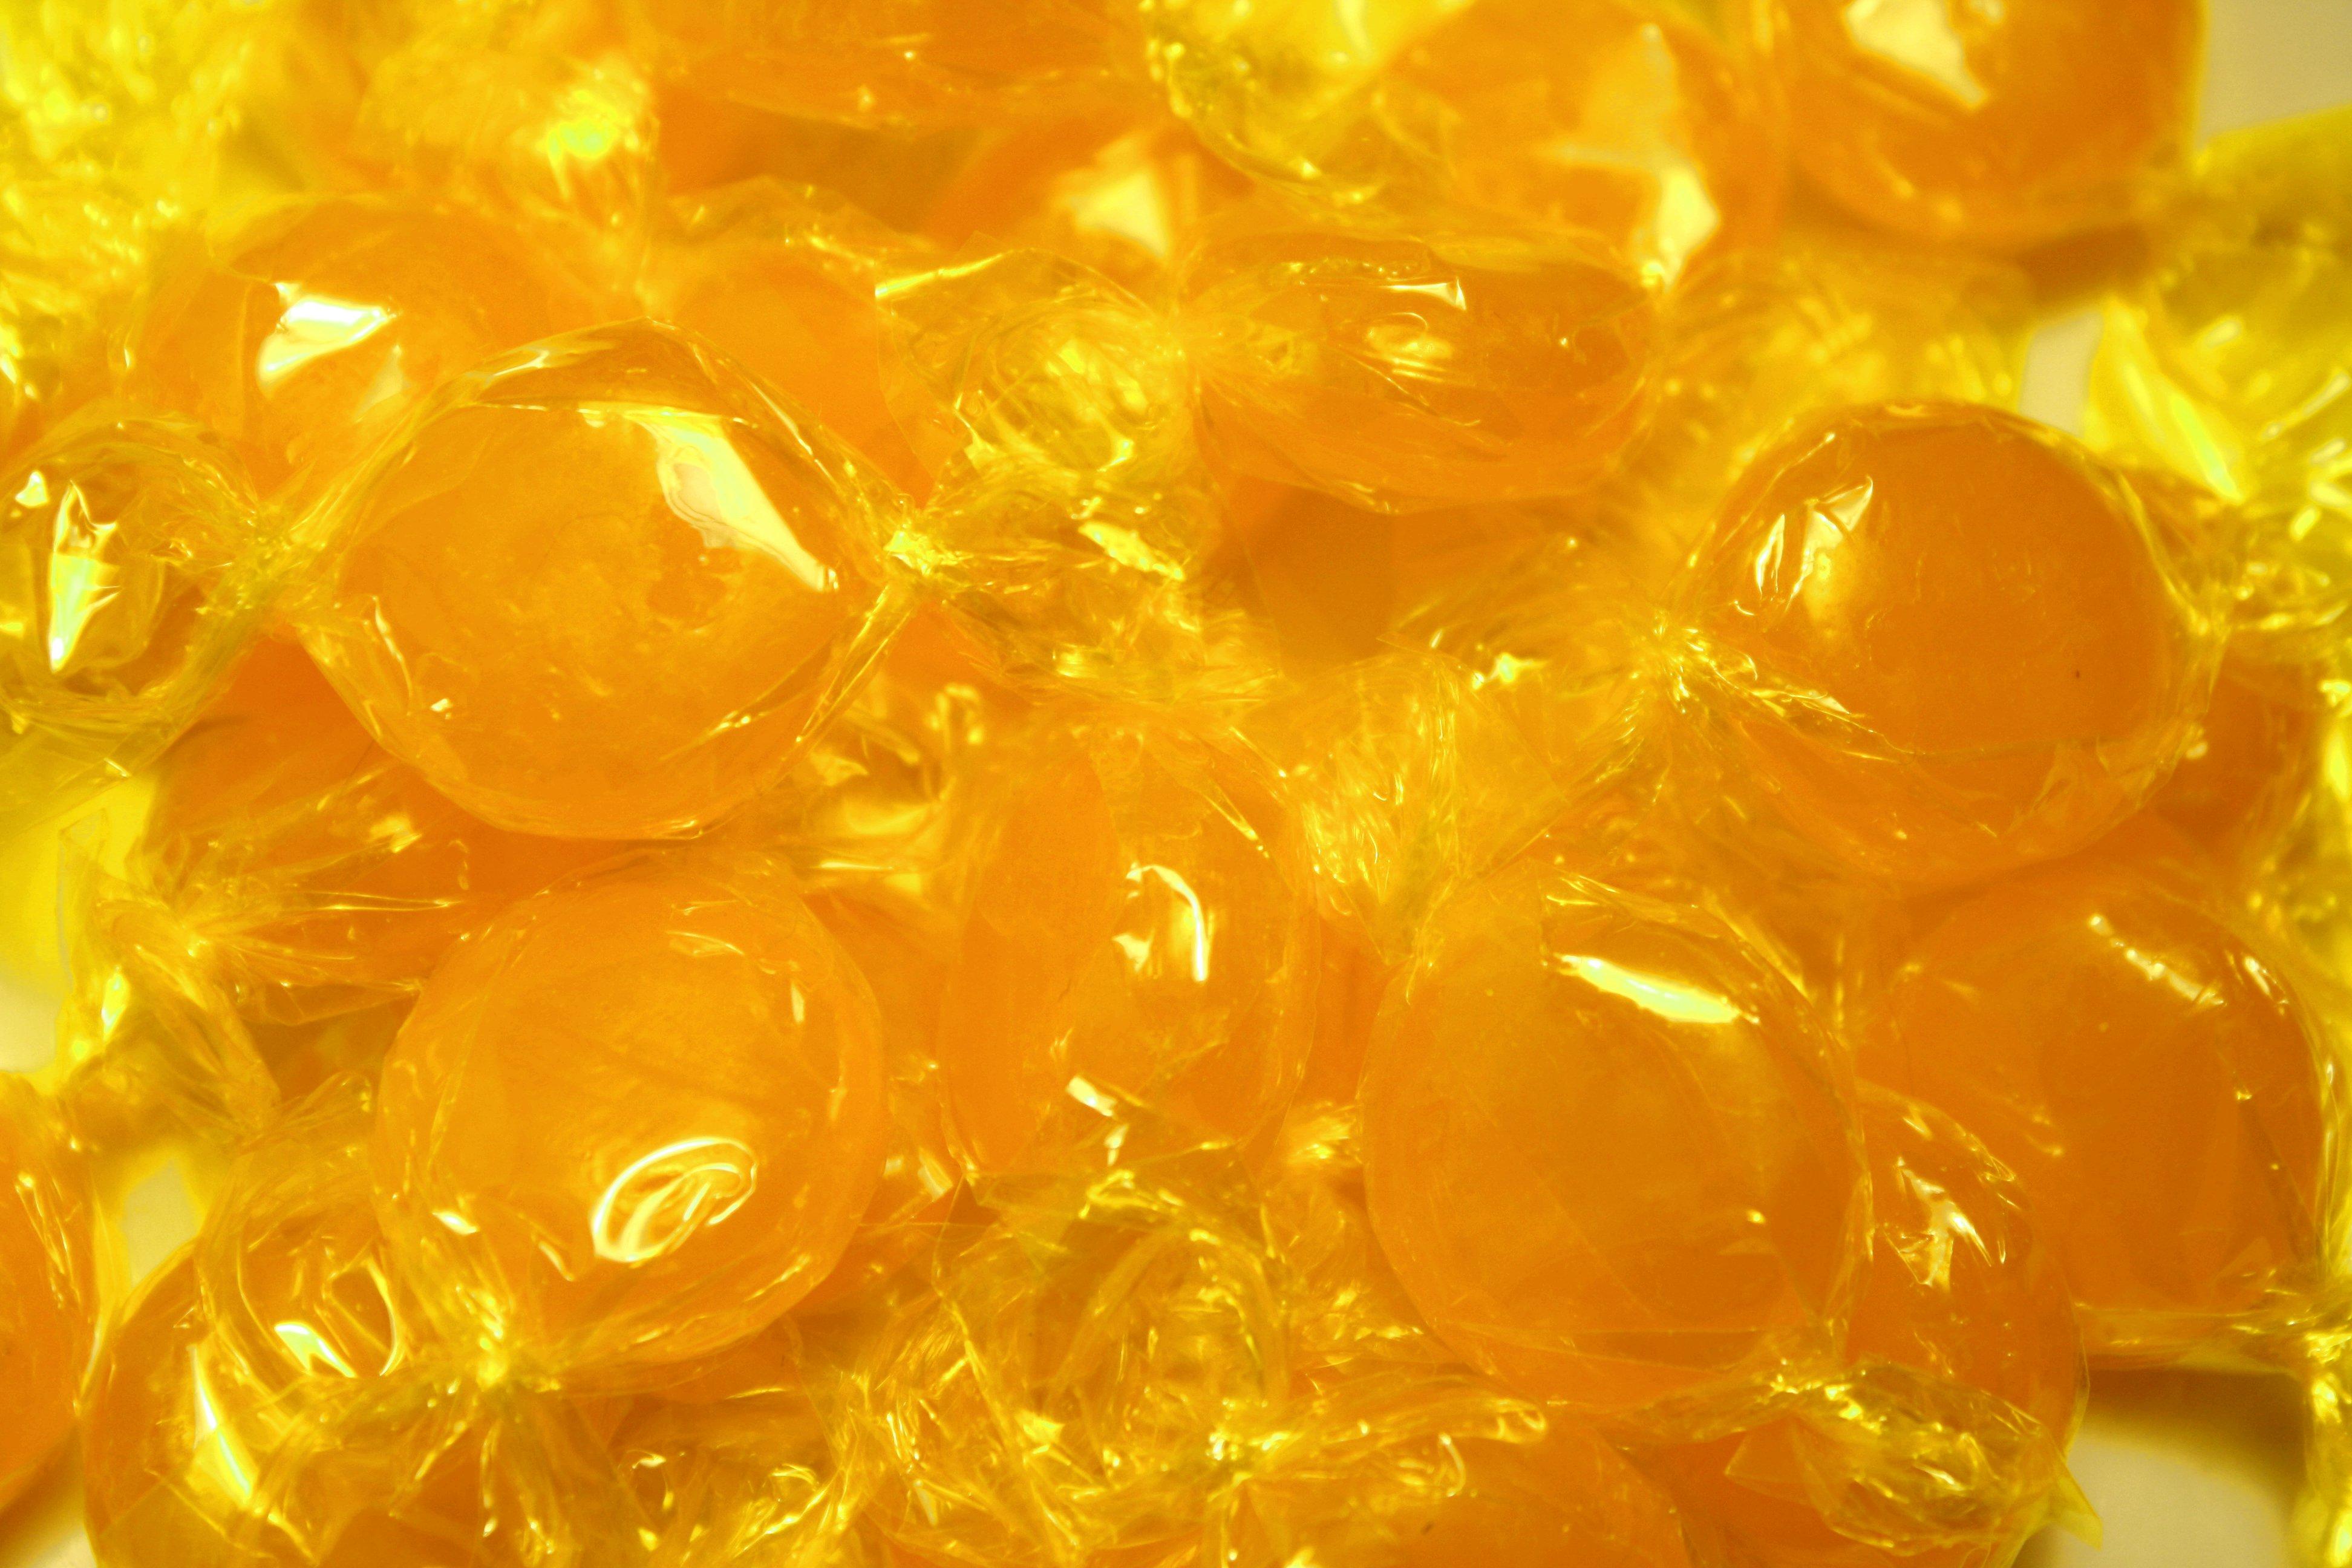 Hard butterscotch candy